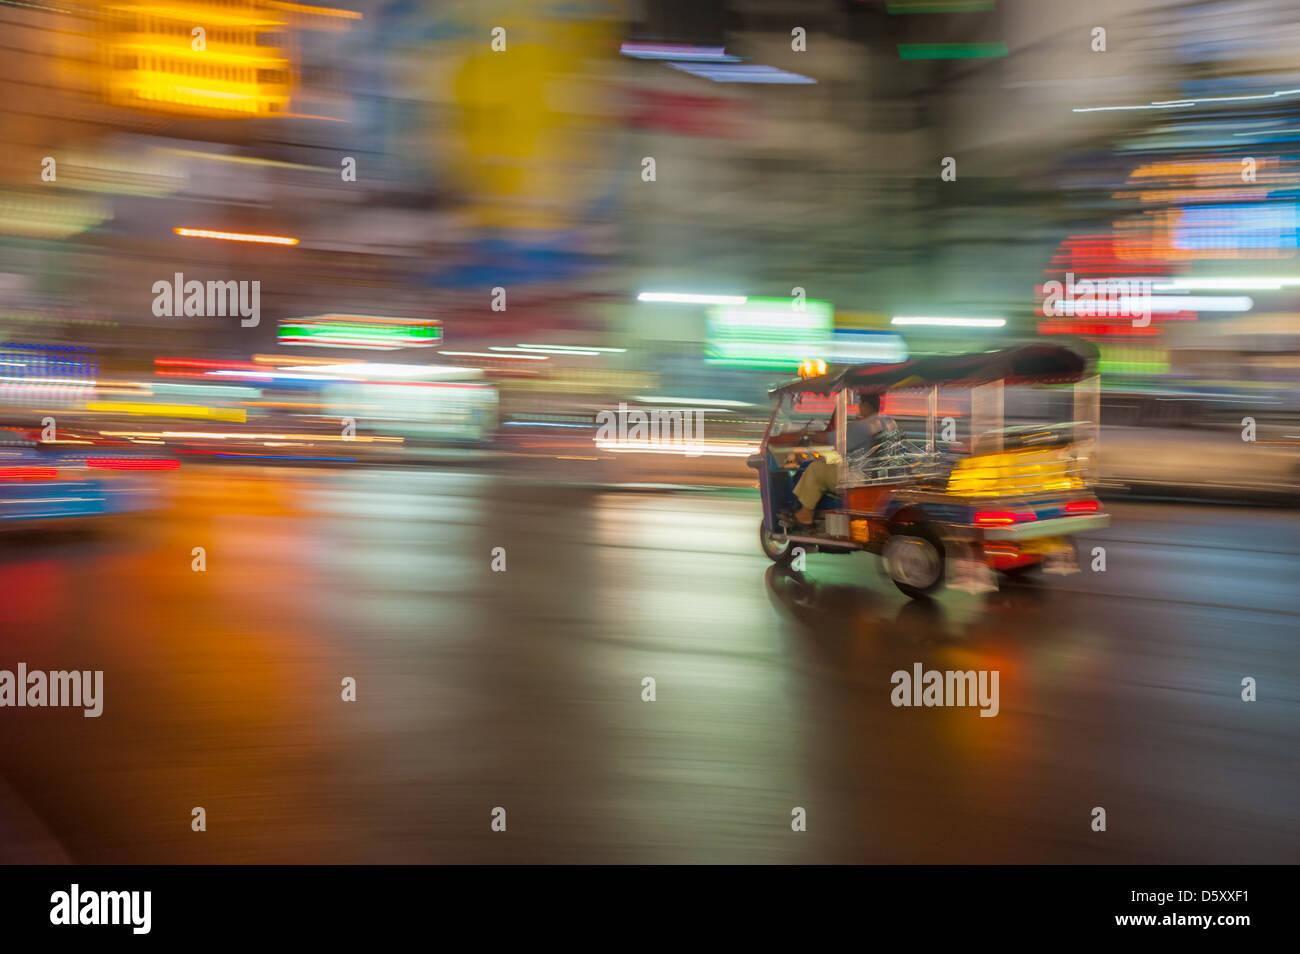 Tuk-tuk in motion blur, Bangkok, Thailand - Stock Image